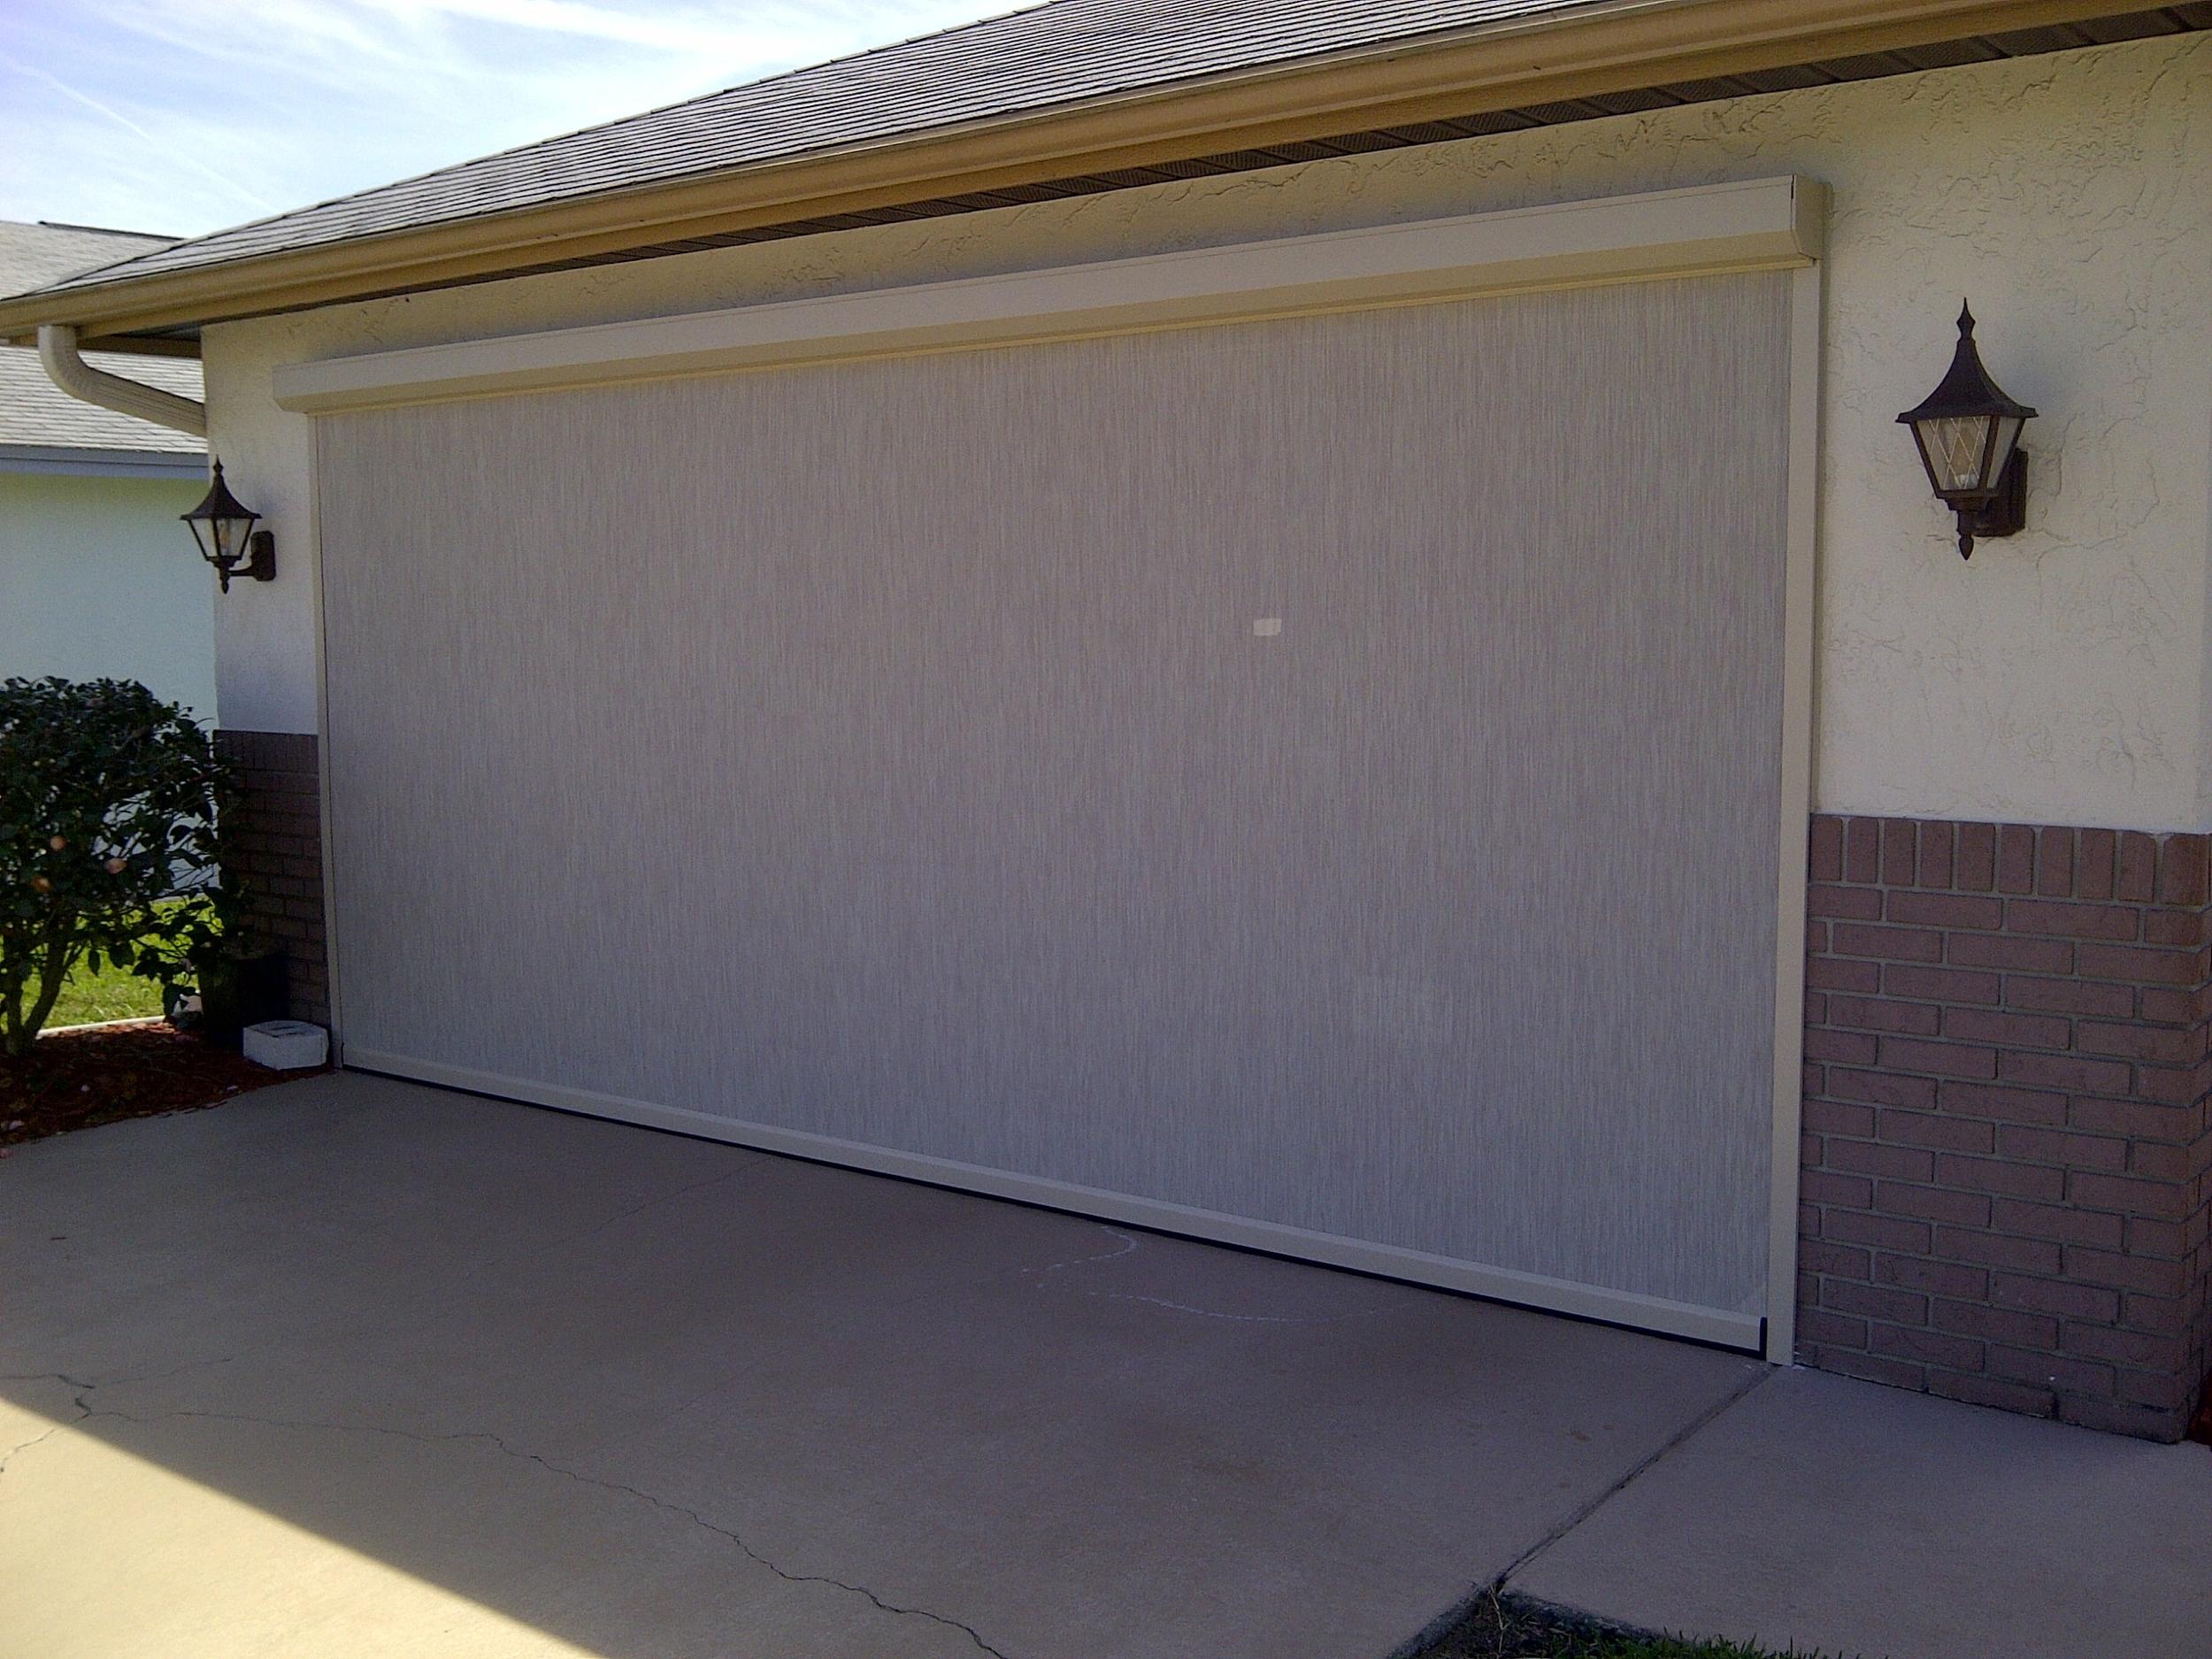 219 Garage Door Screens